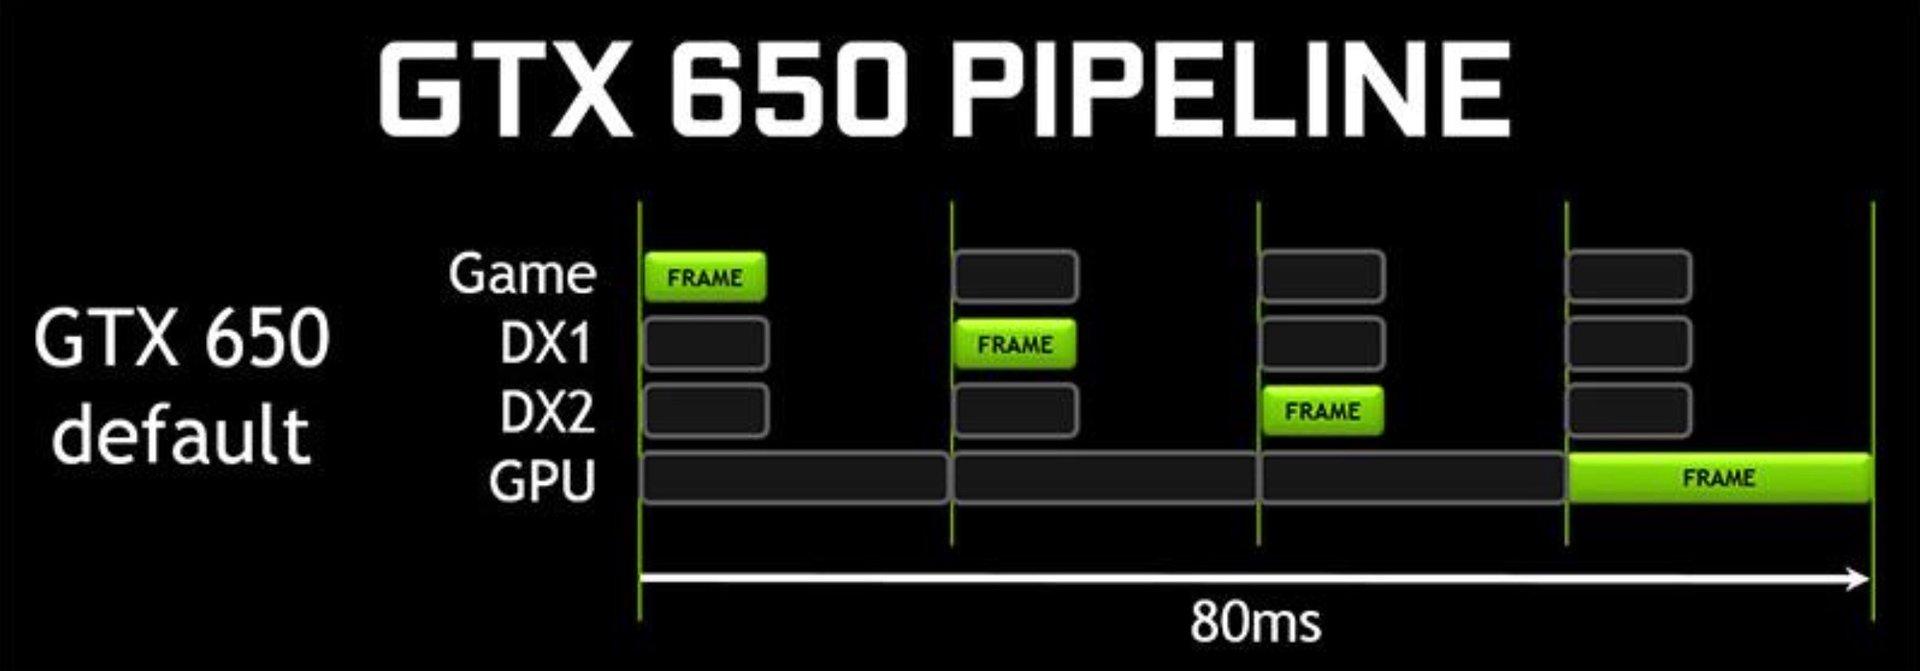 GeForce GTX 650 ohne optimierte Einstellungen